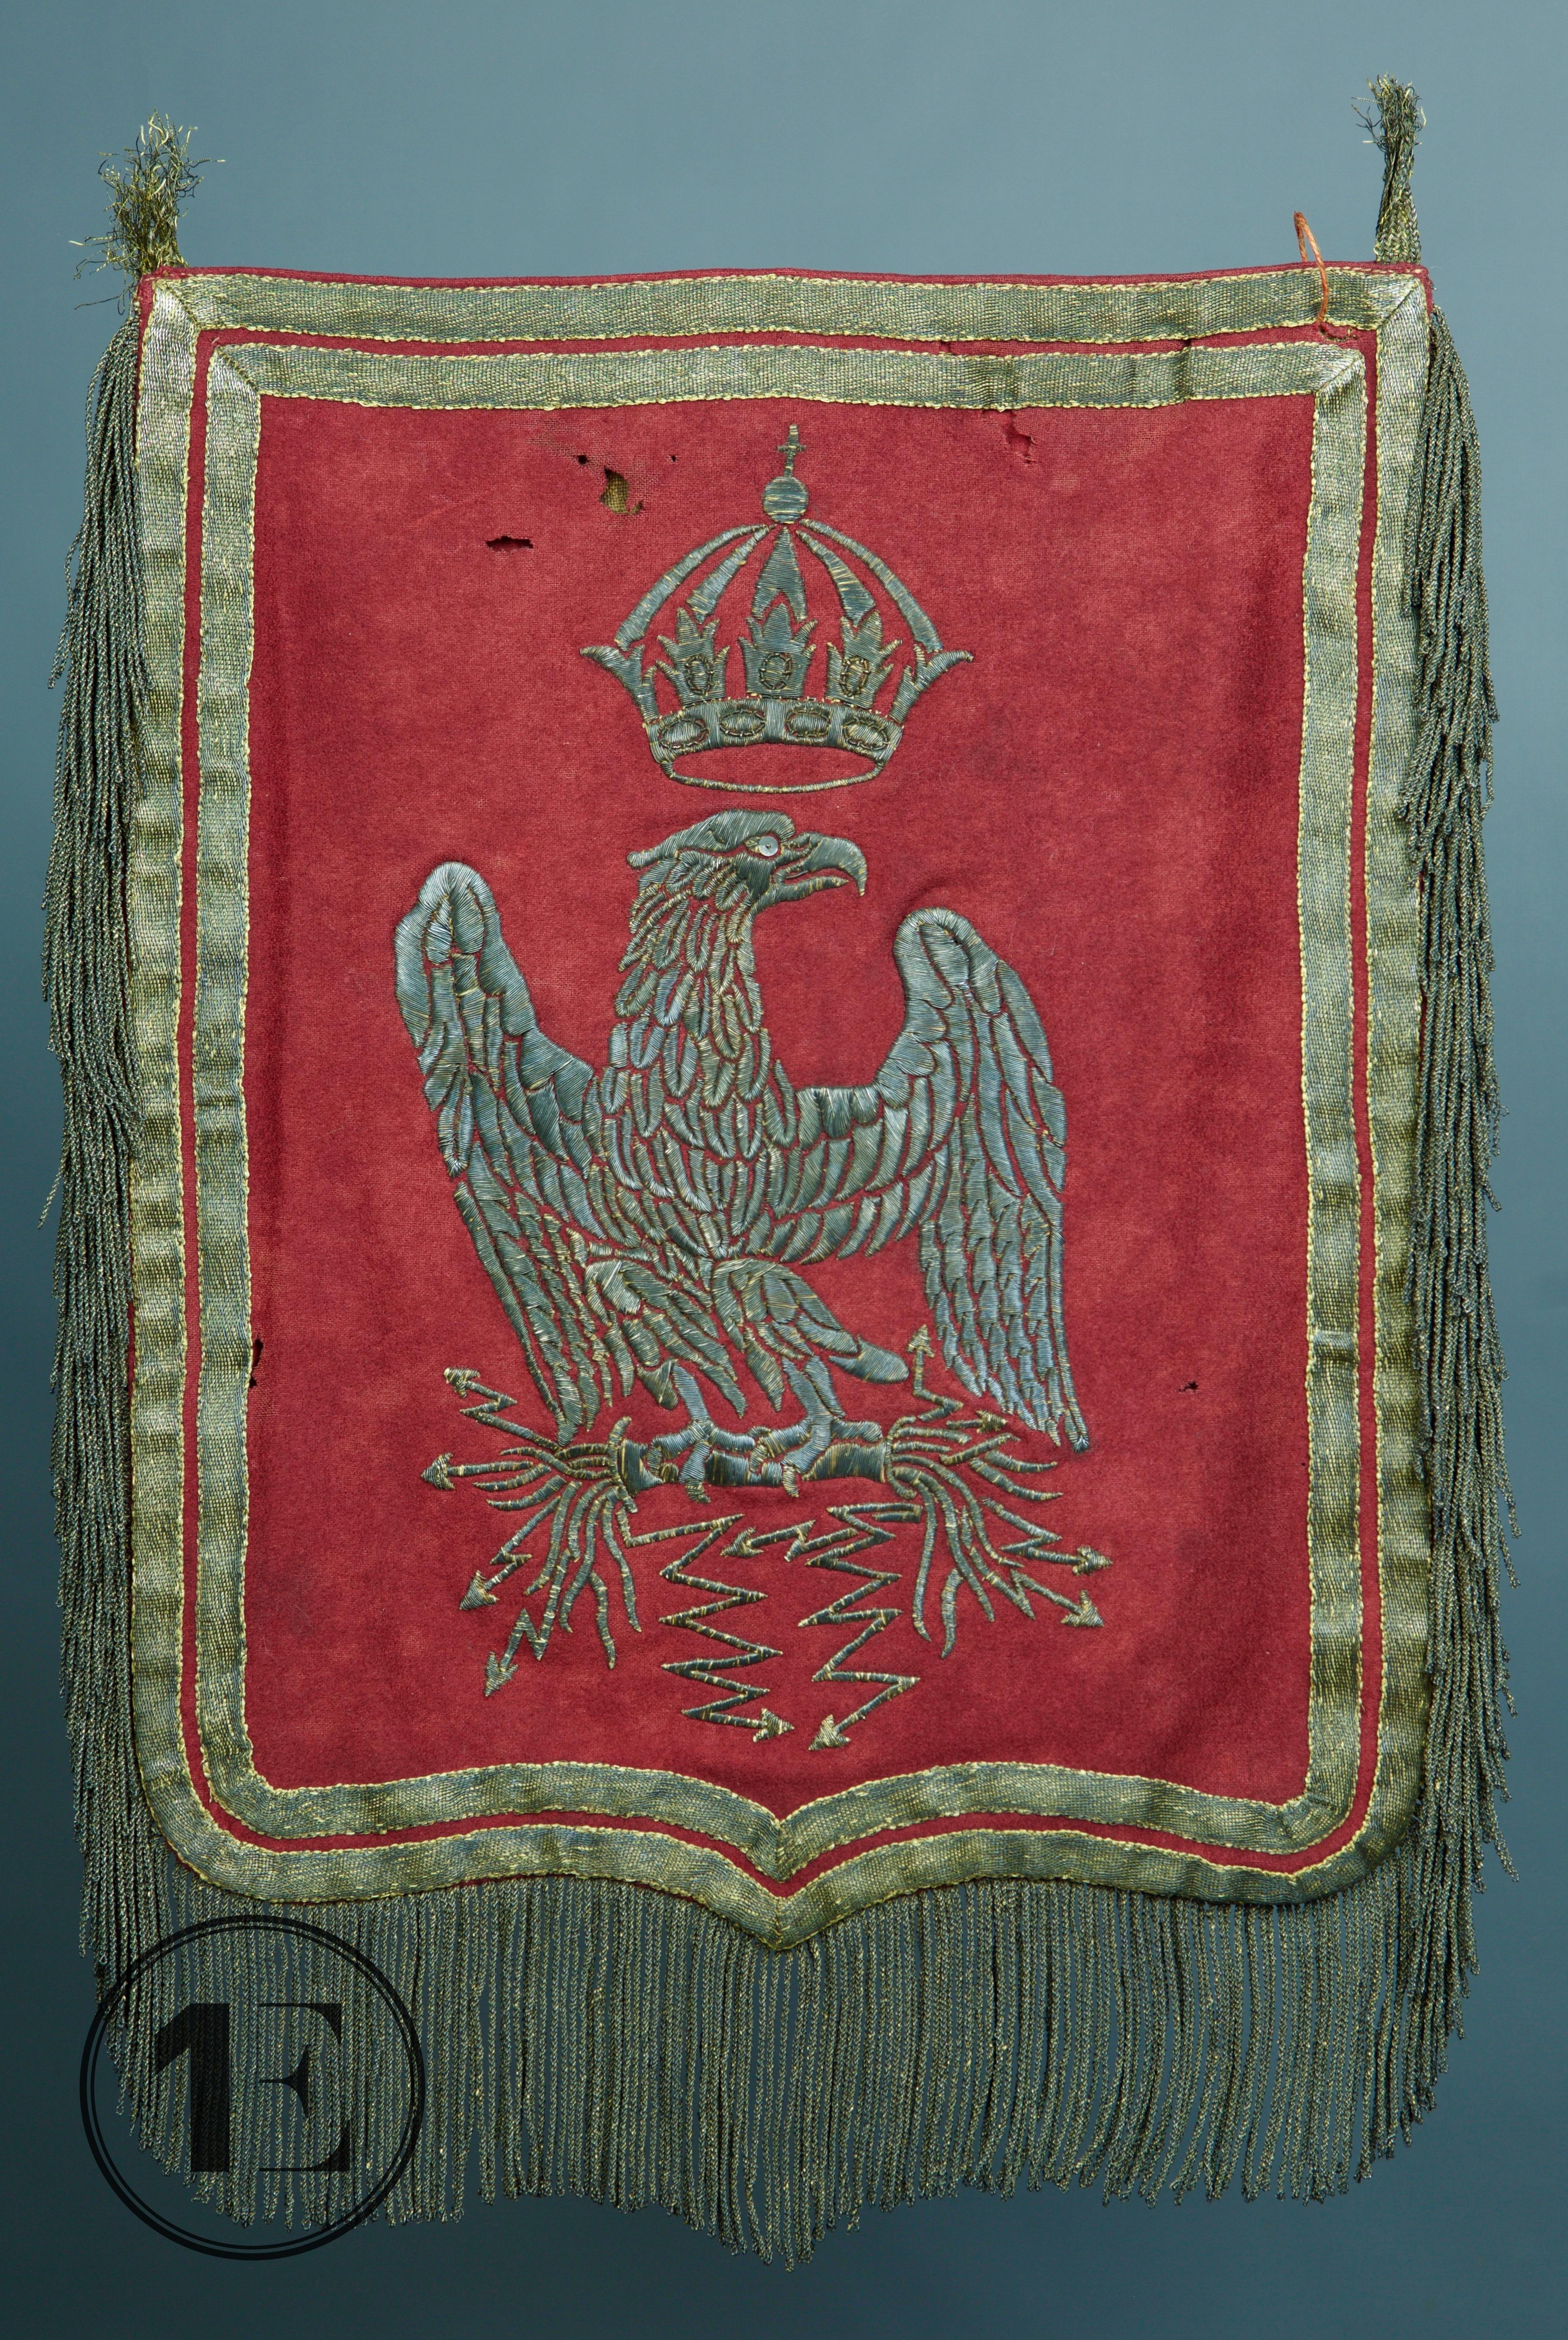 l'aigle impériale debout sur des foudres